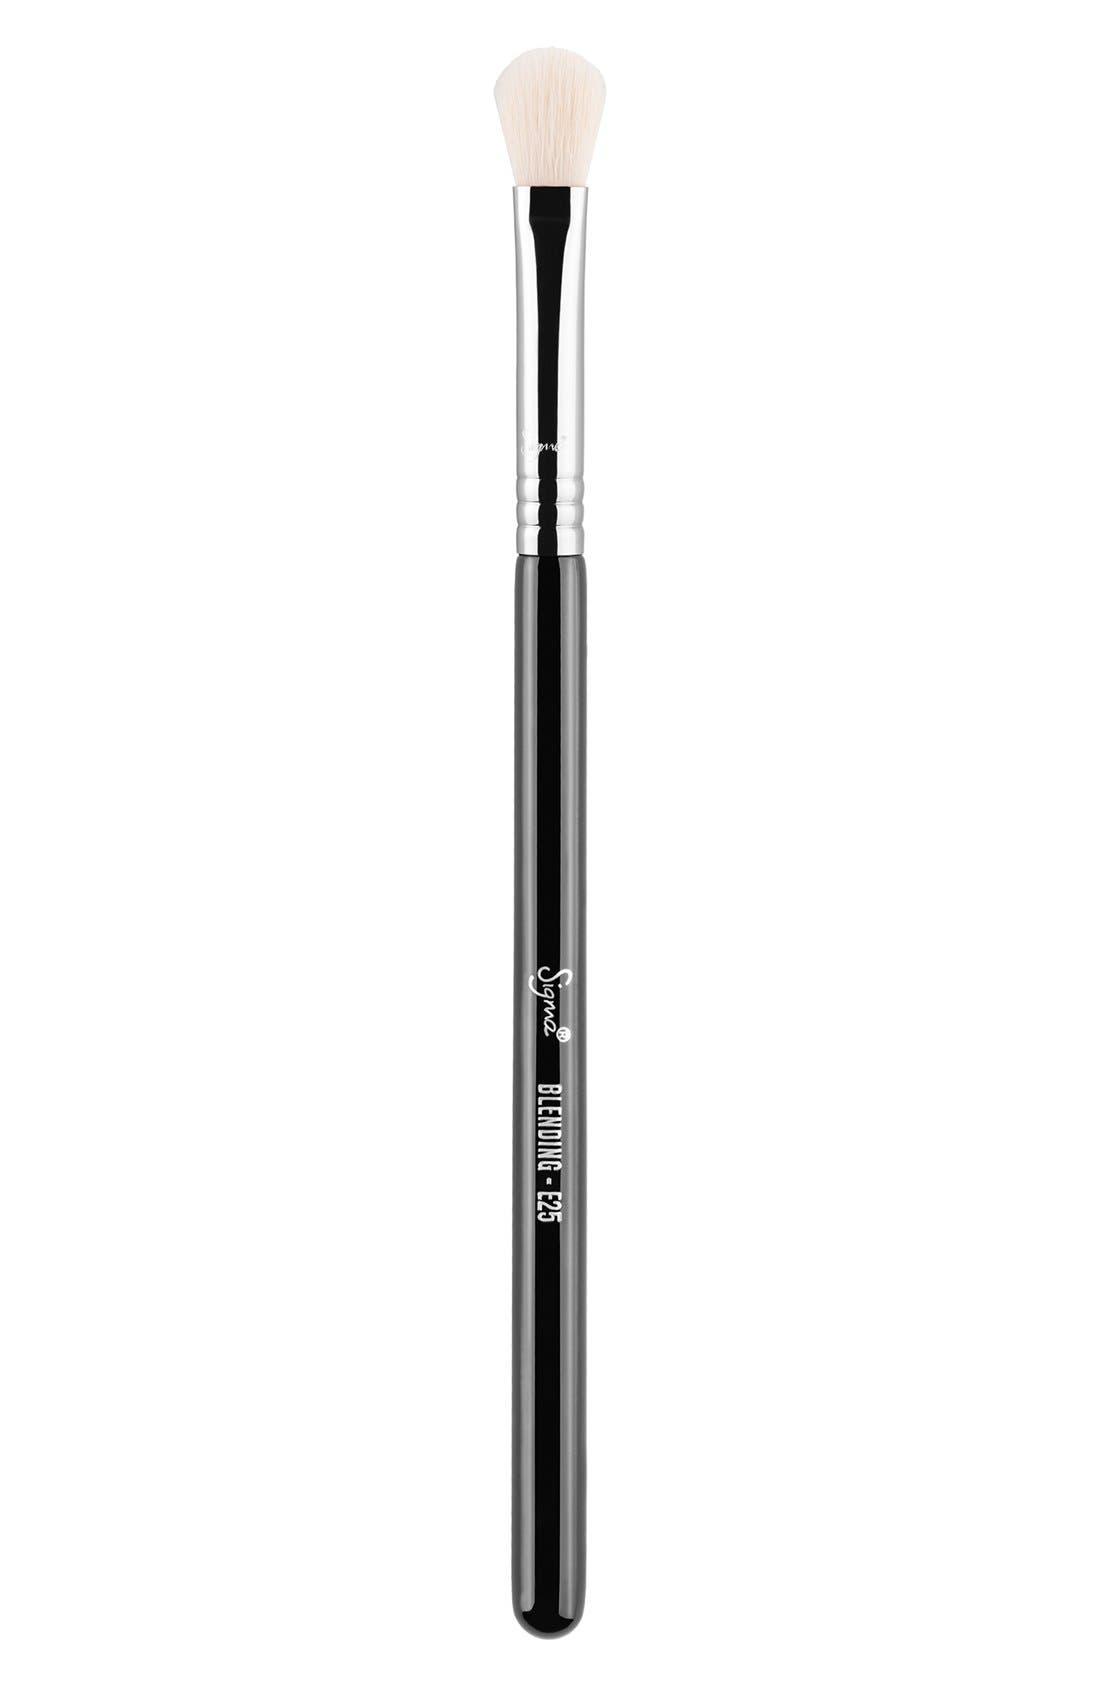 E25 Blending Brush   Nordstrom